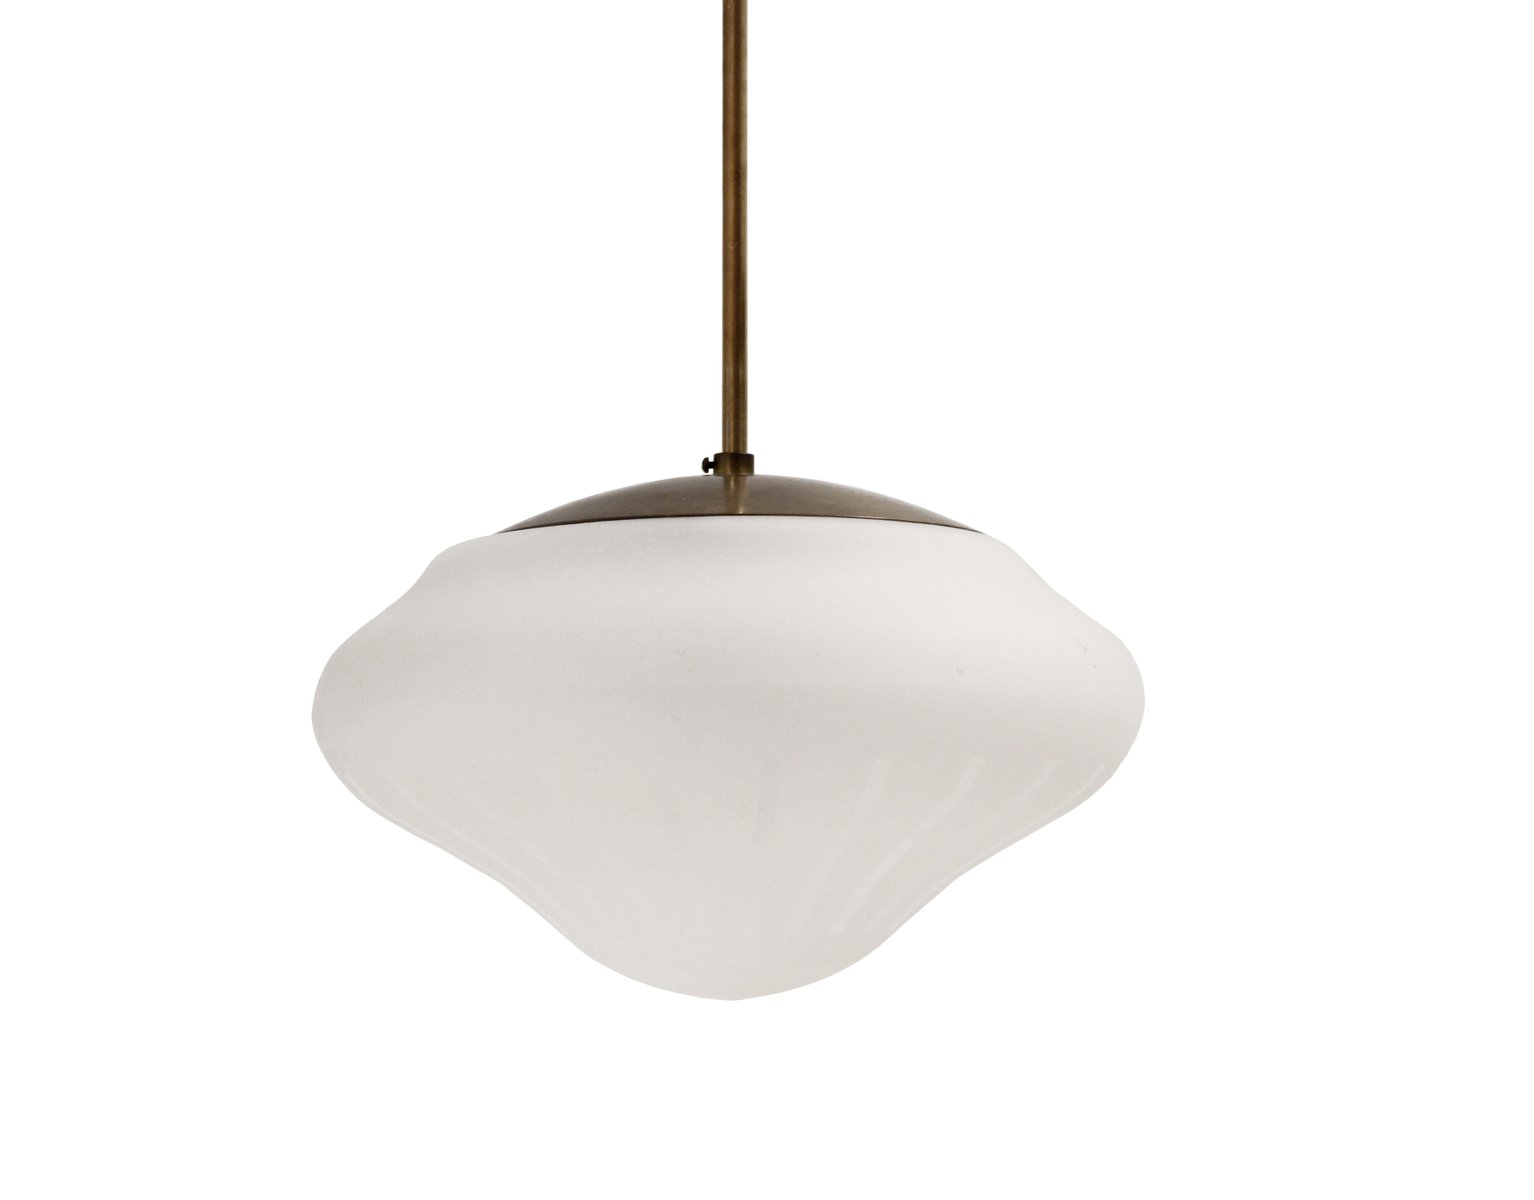 Schwedische Deckenlampe, 1950er